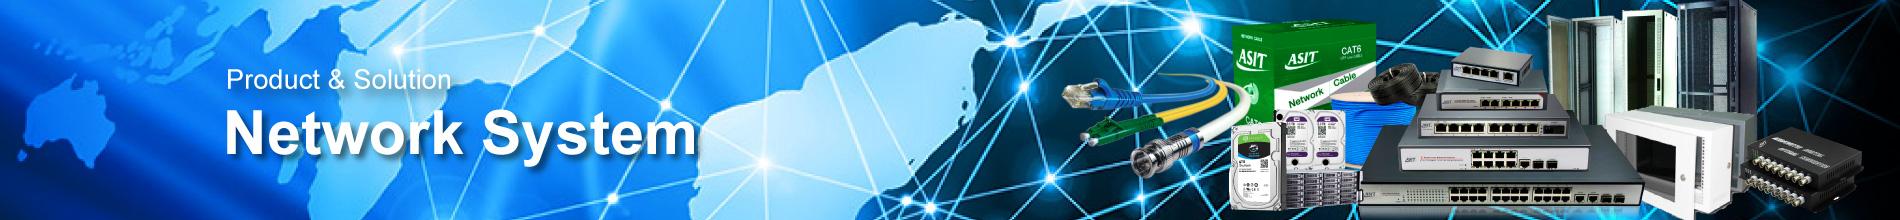 โซลูชั่น ระบบ network system